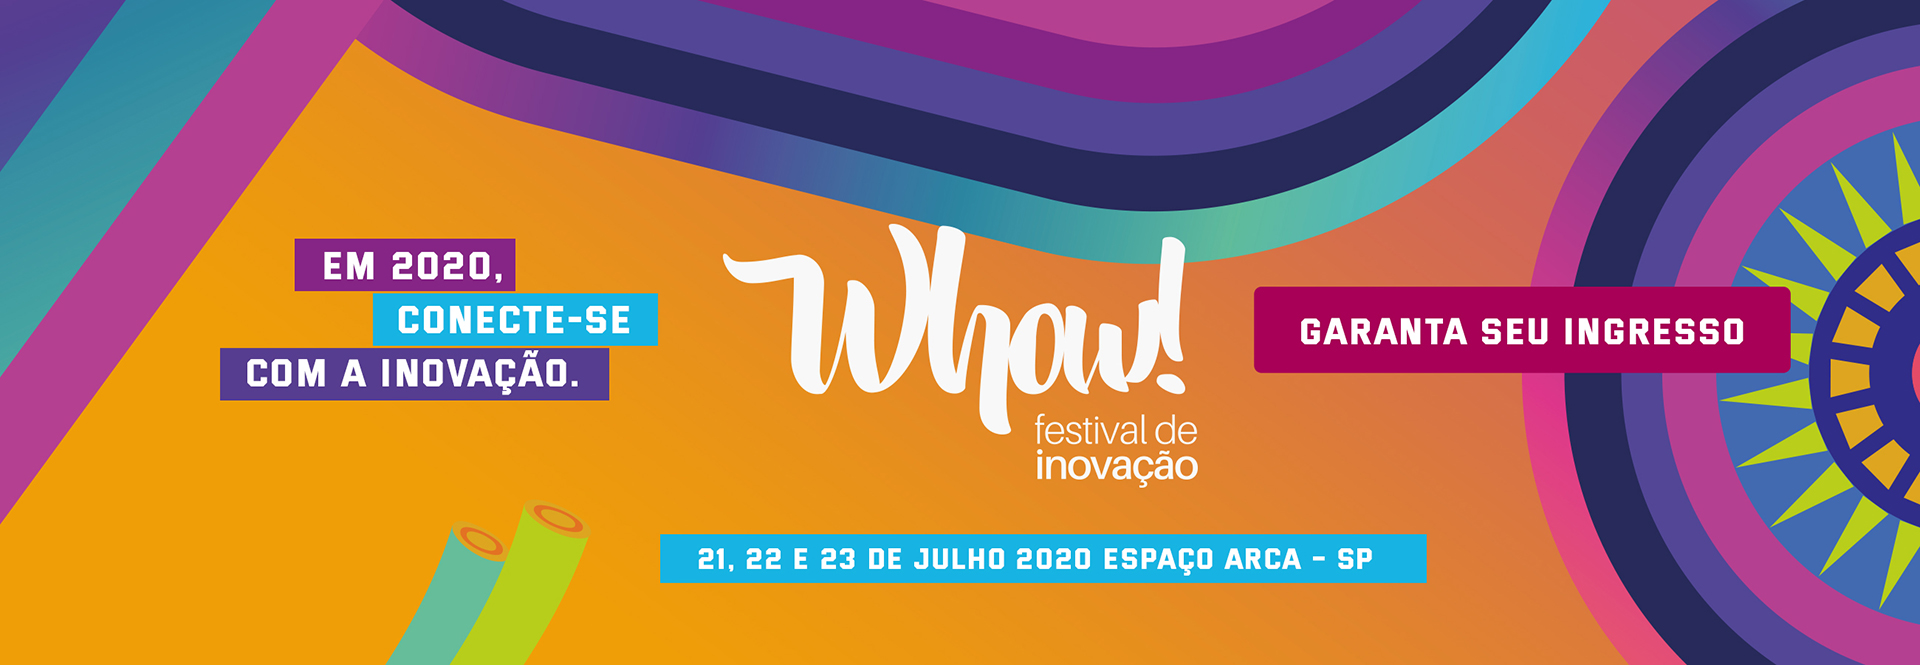 Whow Festival de Inovação 2020